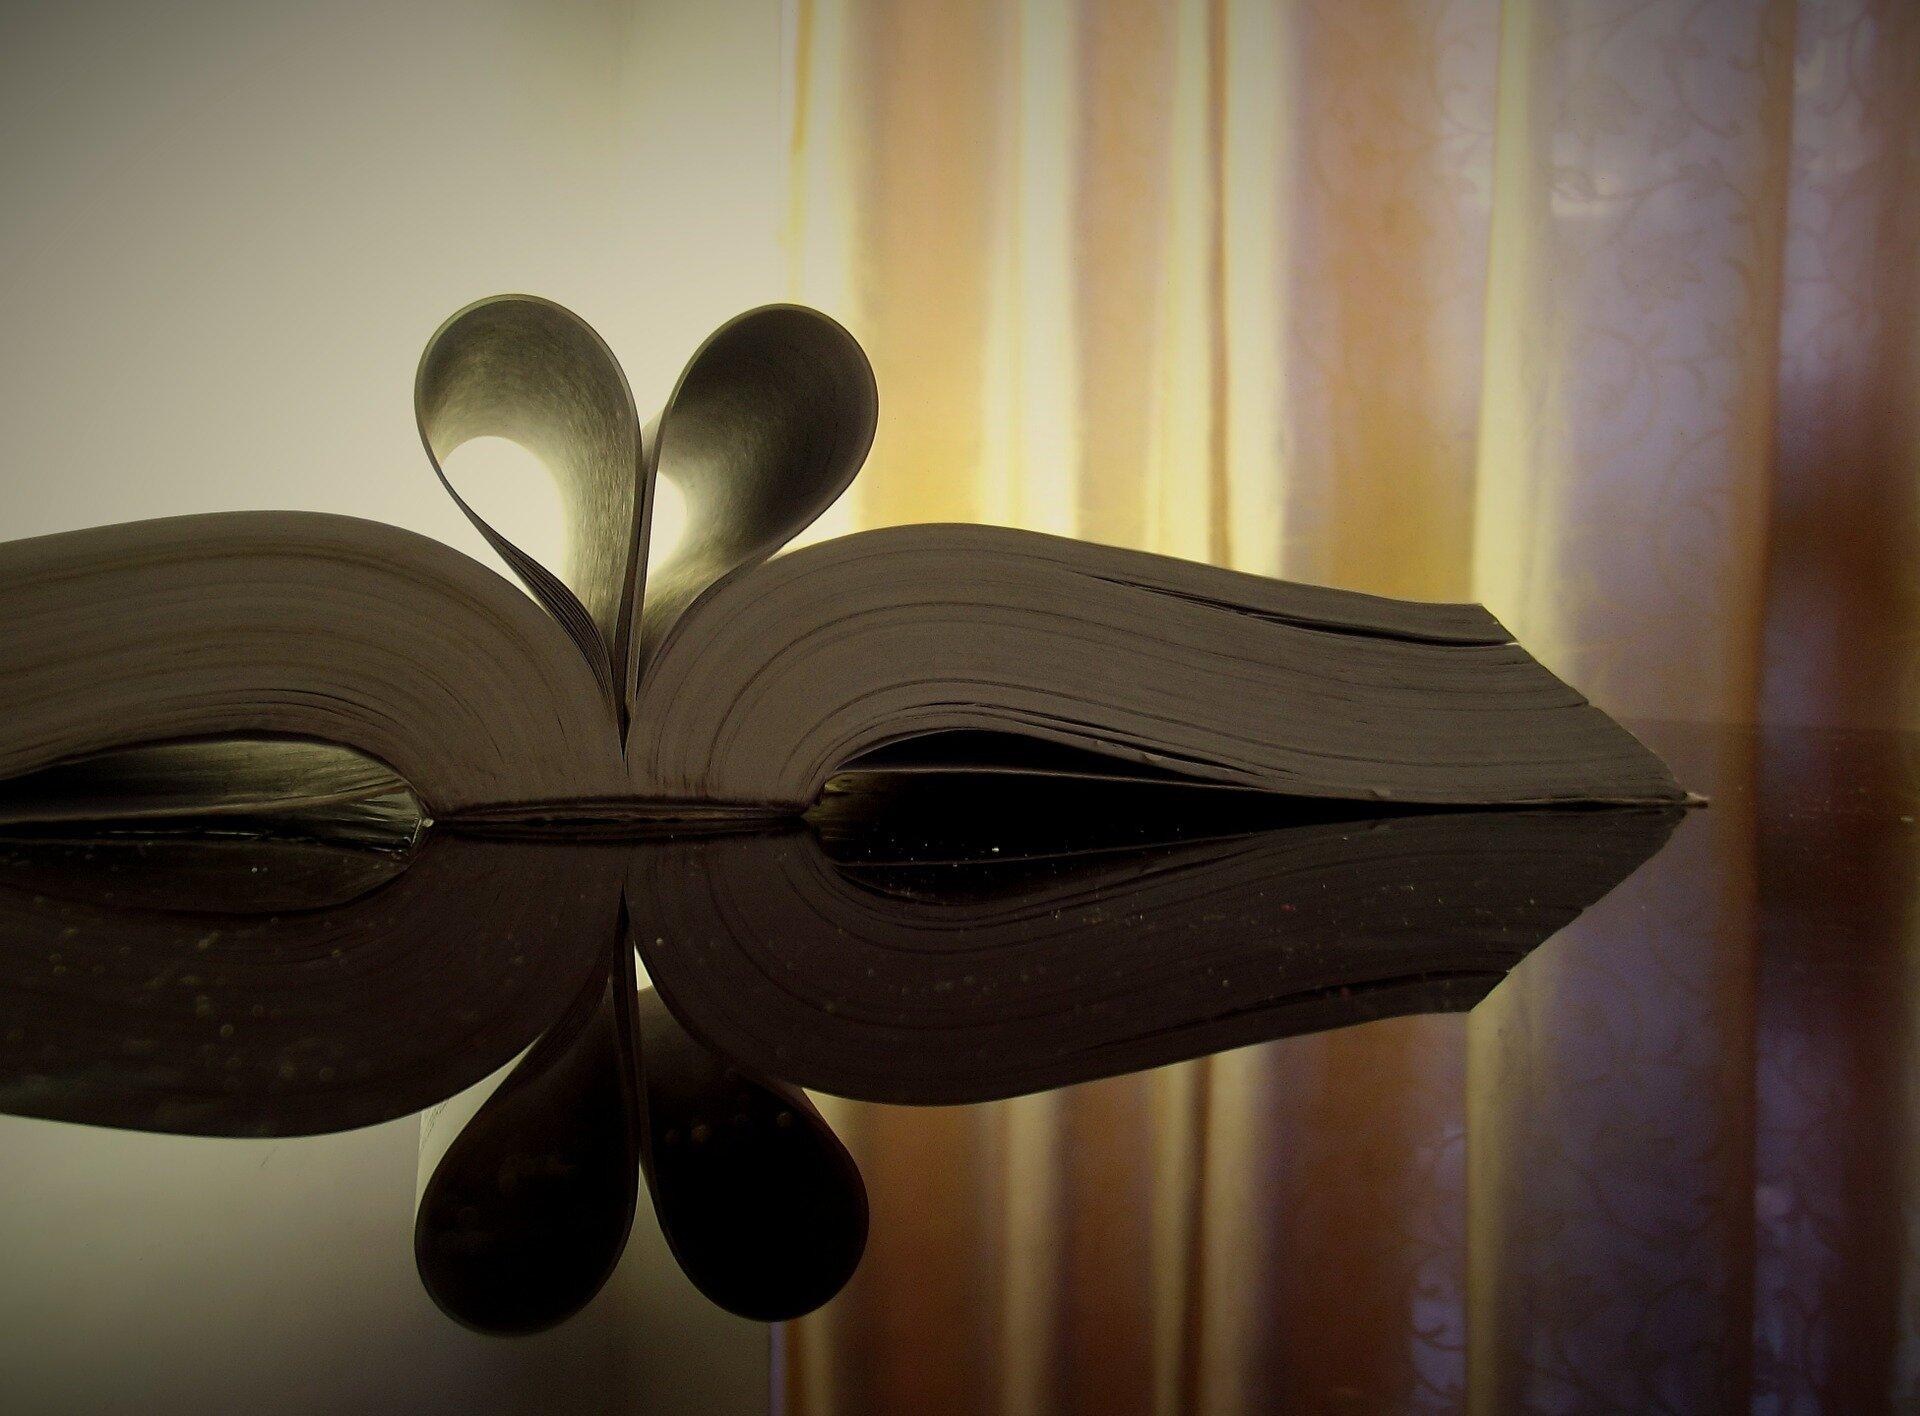 Okładka - literatura jako język miłości Źródło: pixabay, licencja: CC 0.